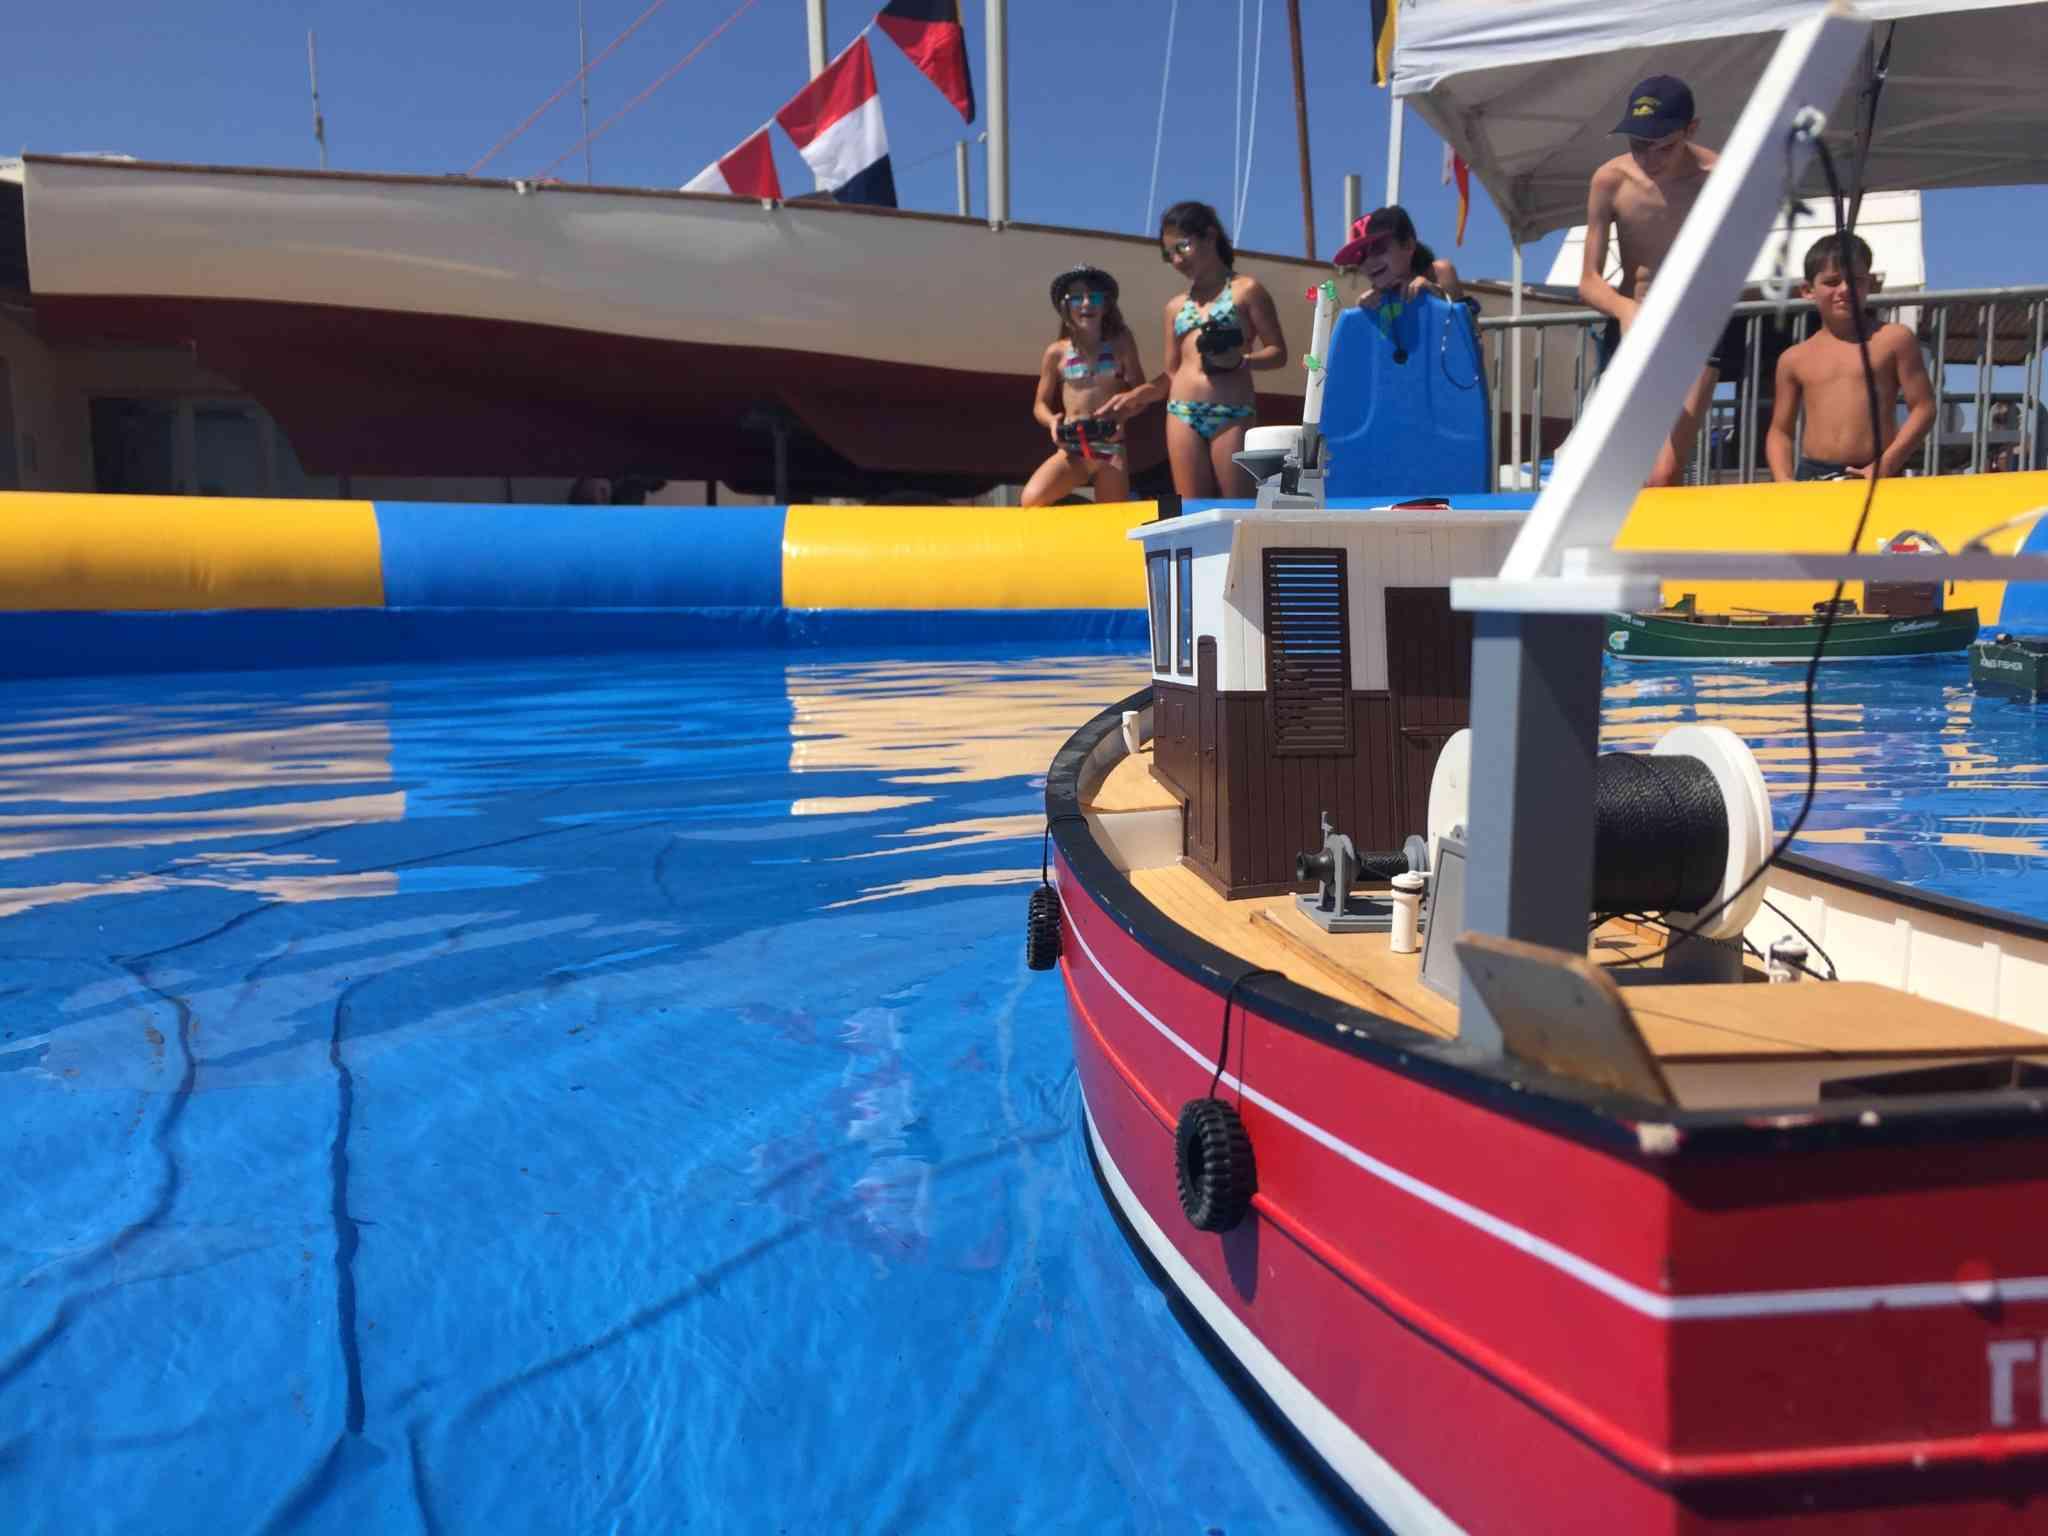 une piscine, un bateau radiocommandé et des enfants autour